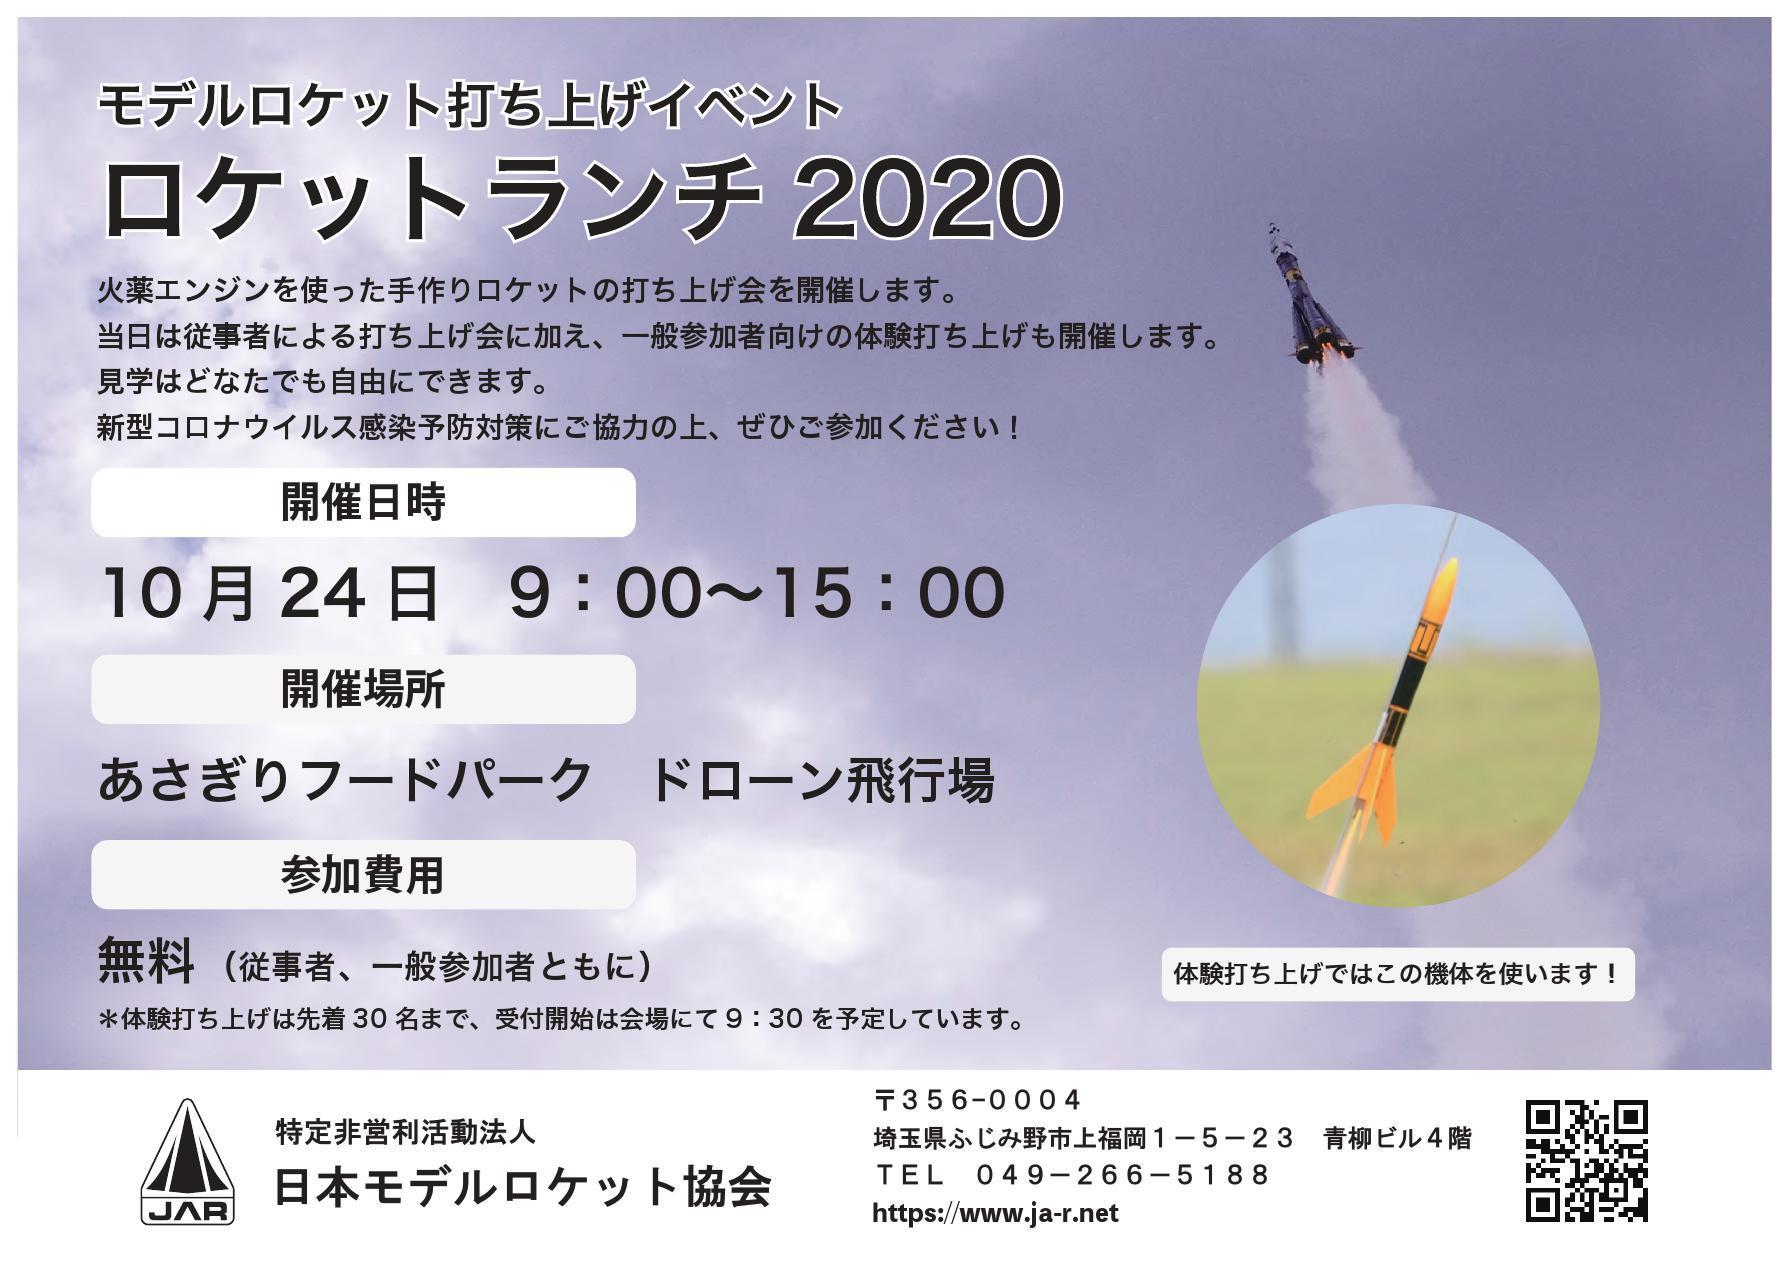 ロケットランチ_000001.jpg